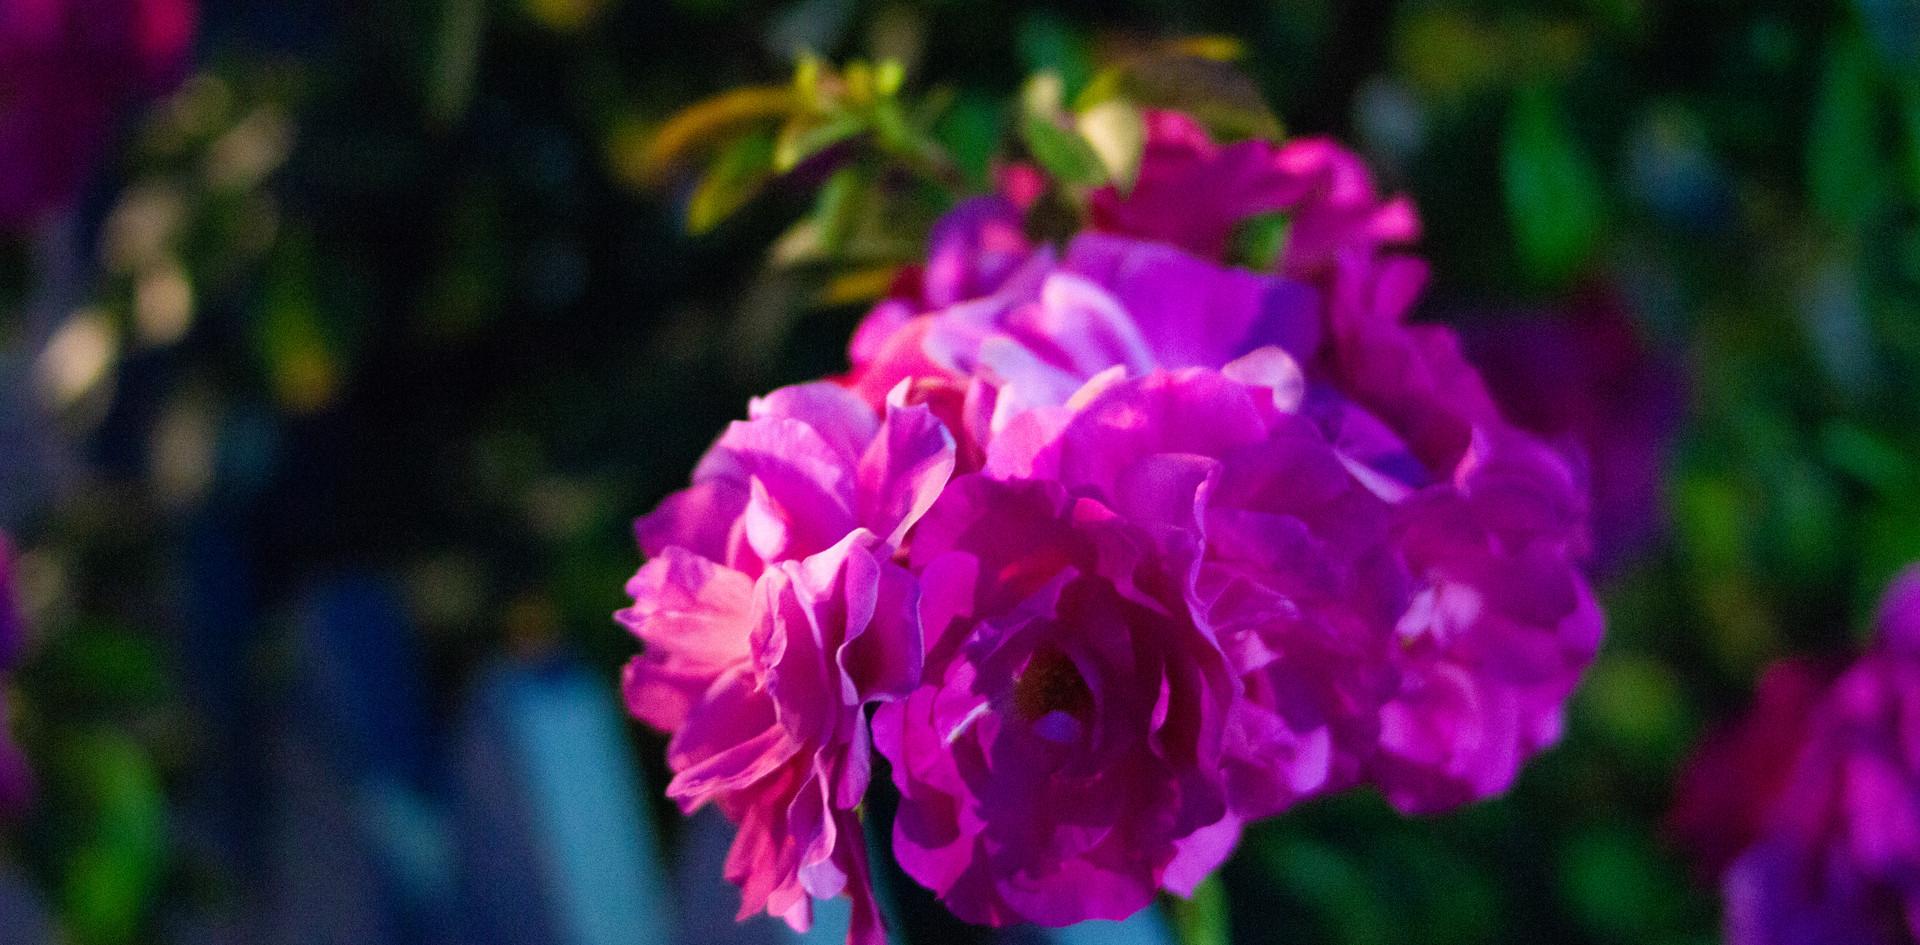 Pink night blooms